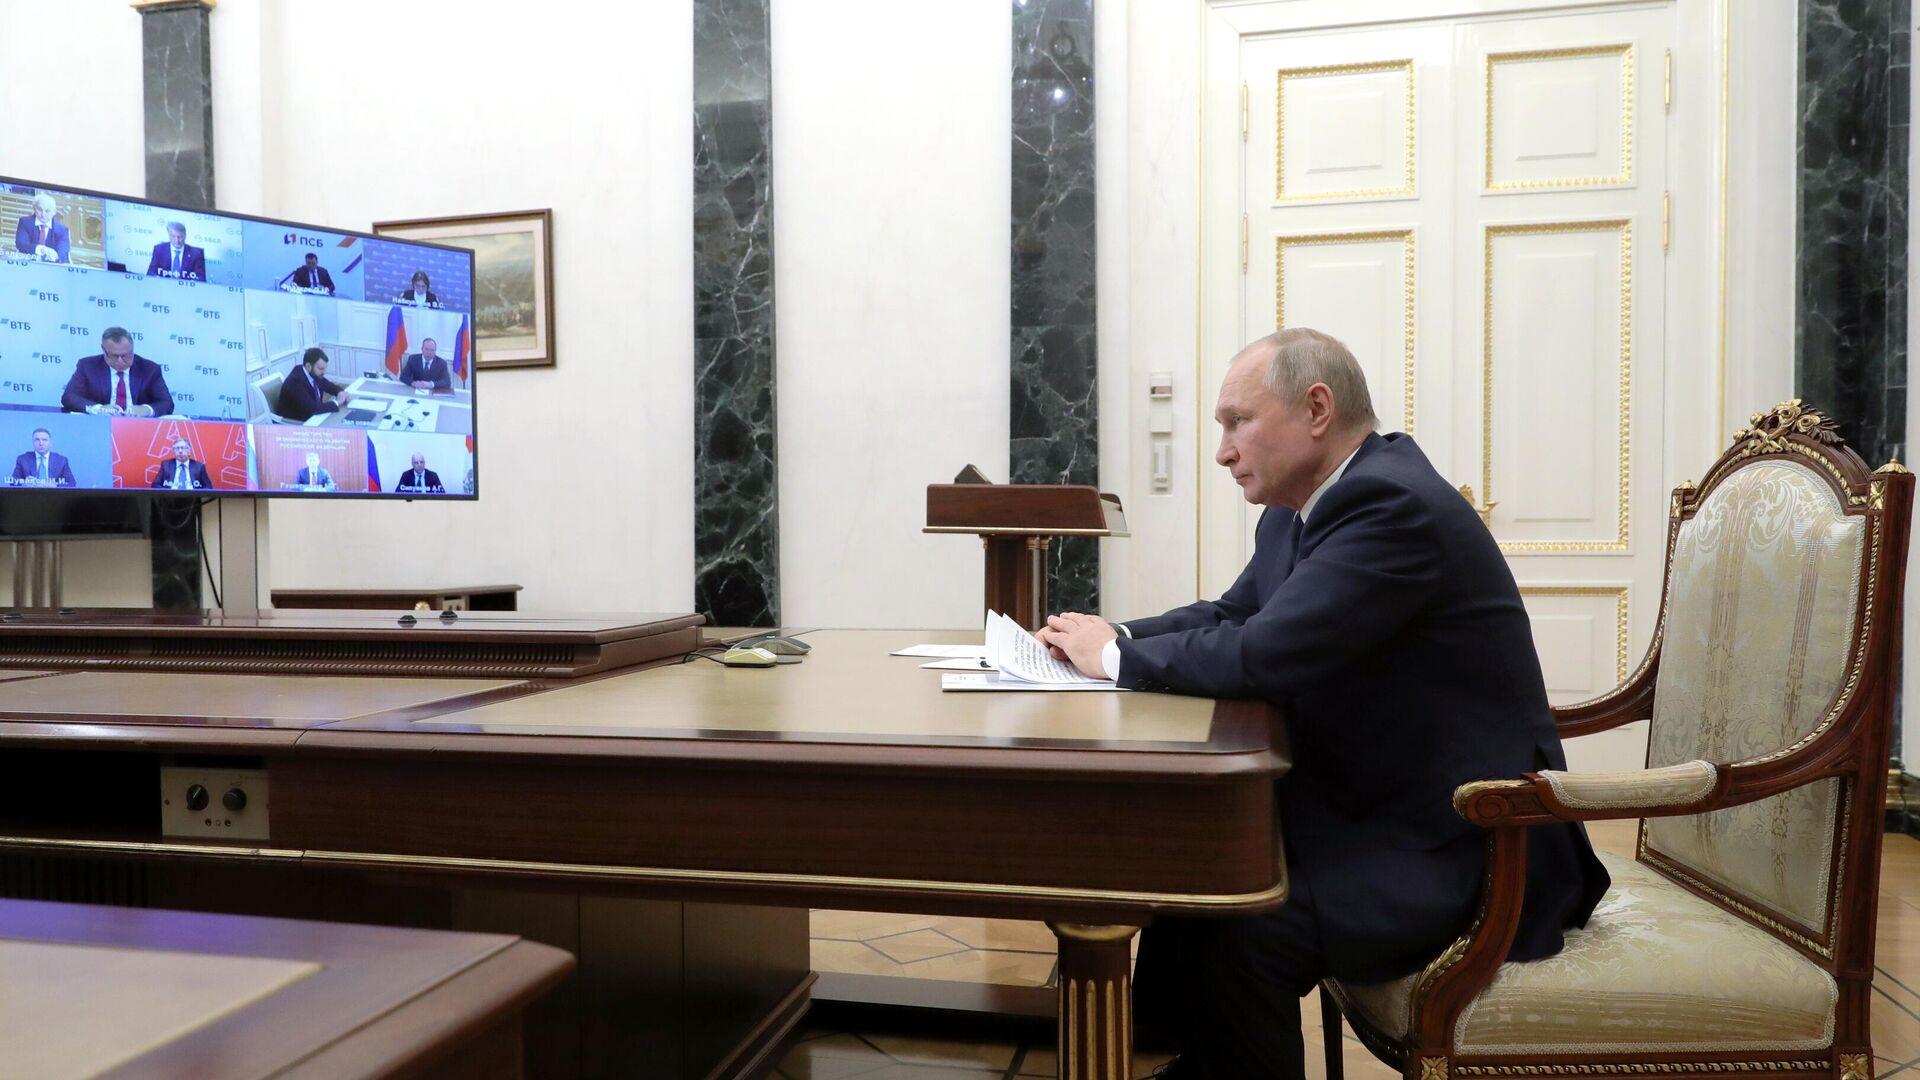 Президент РФ Владимир Путин проводит в режиме видеоконференции совещание по ситуации в банковской сфере - РИА Новости, 1920, 01.02.2021